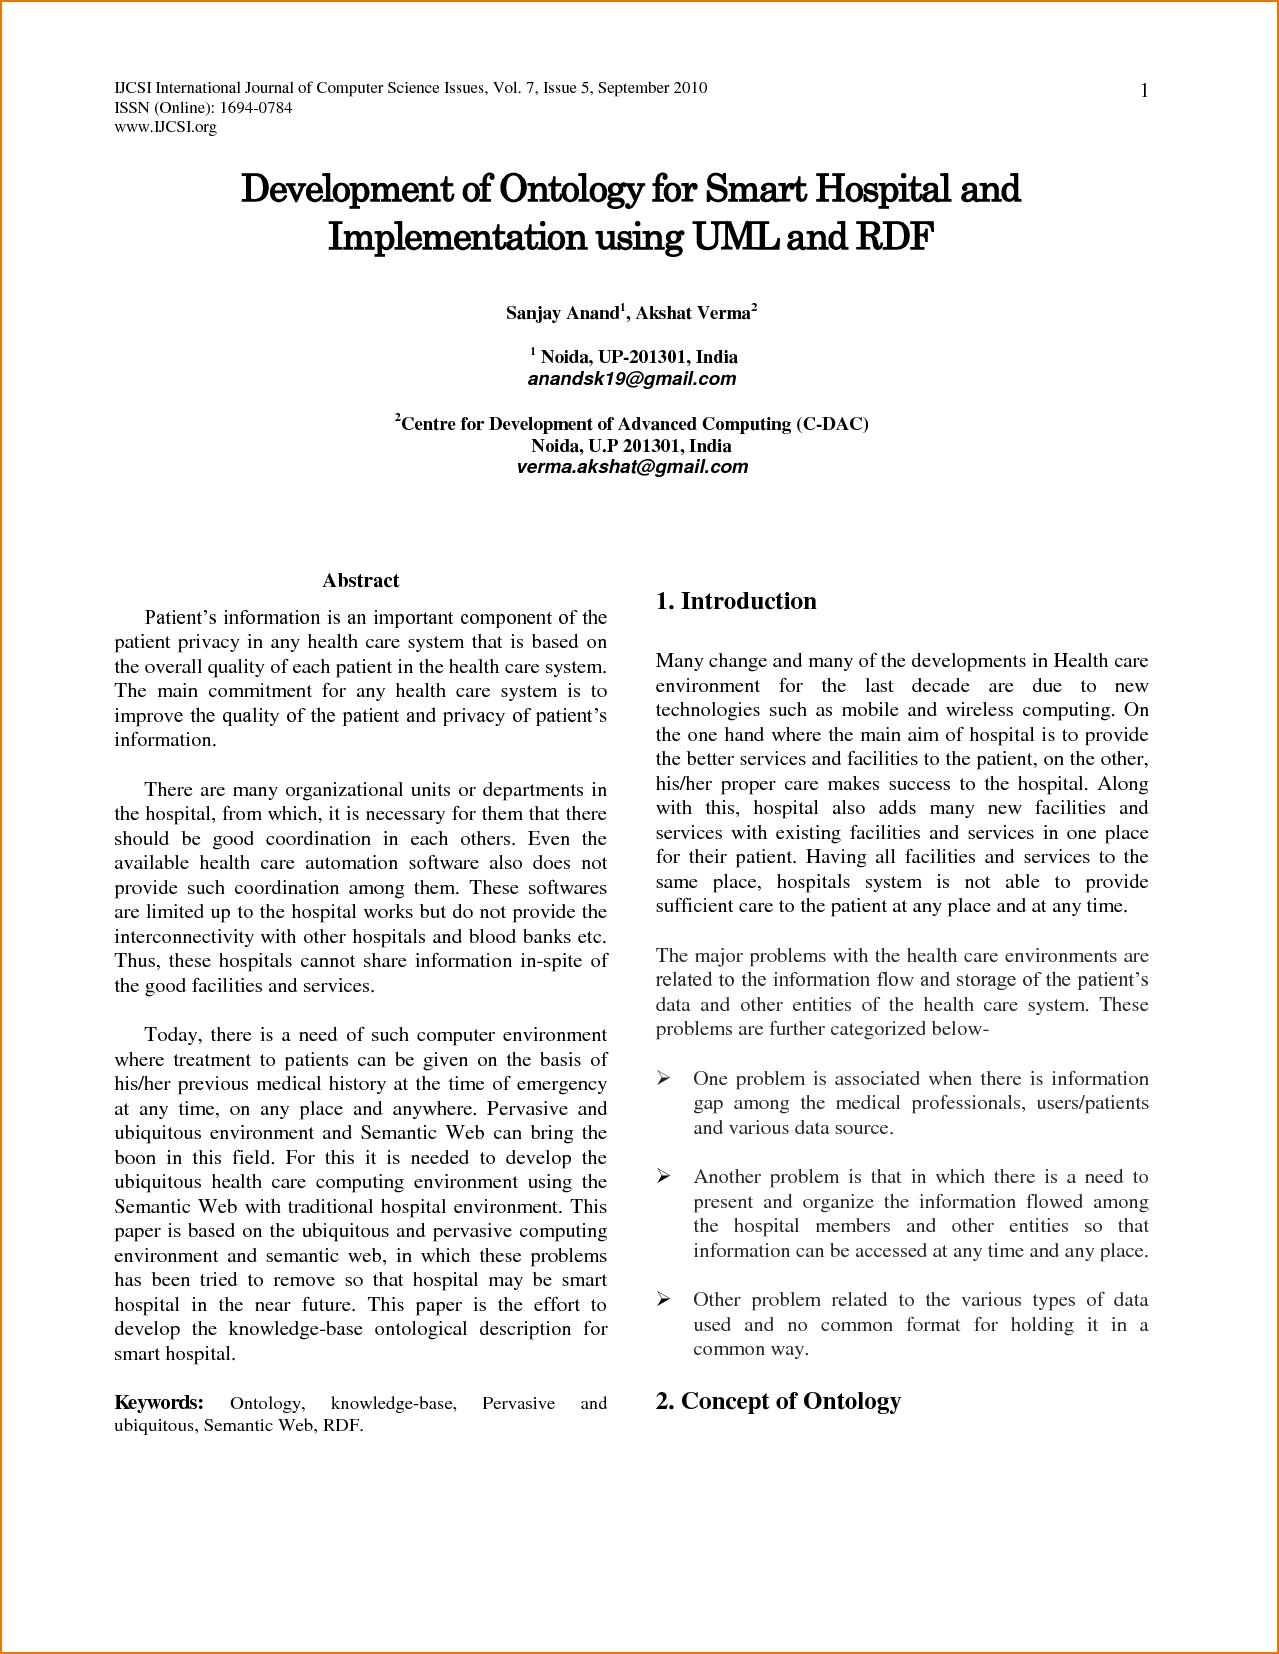 002 The Wife Beater Essay Stunning Summary Analysis Full